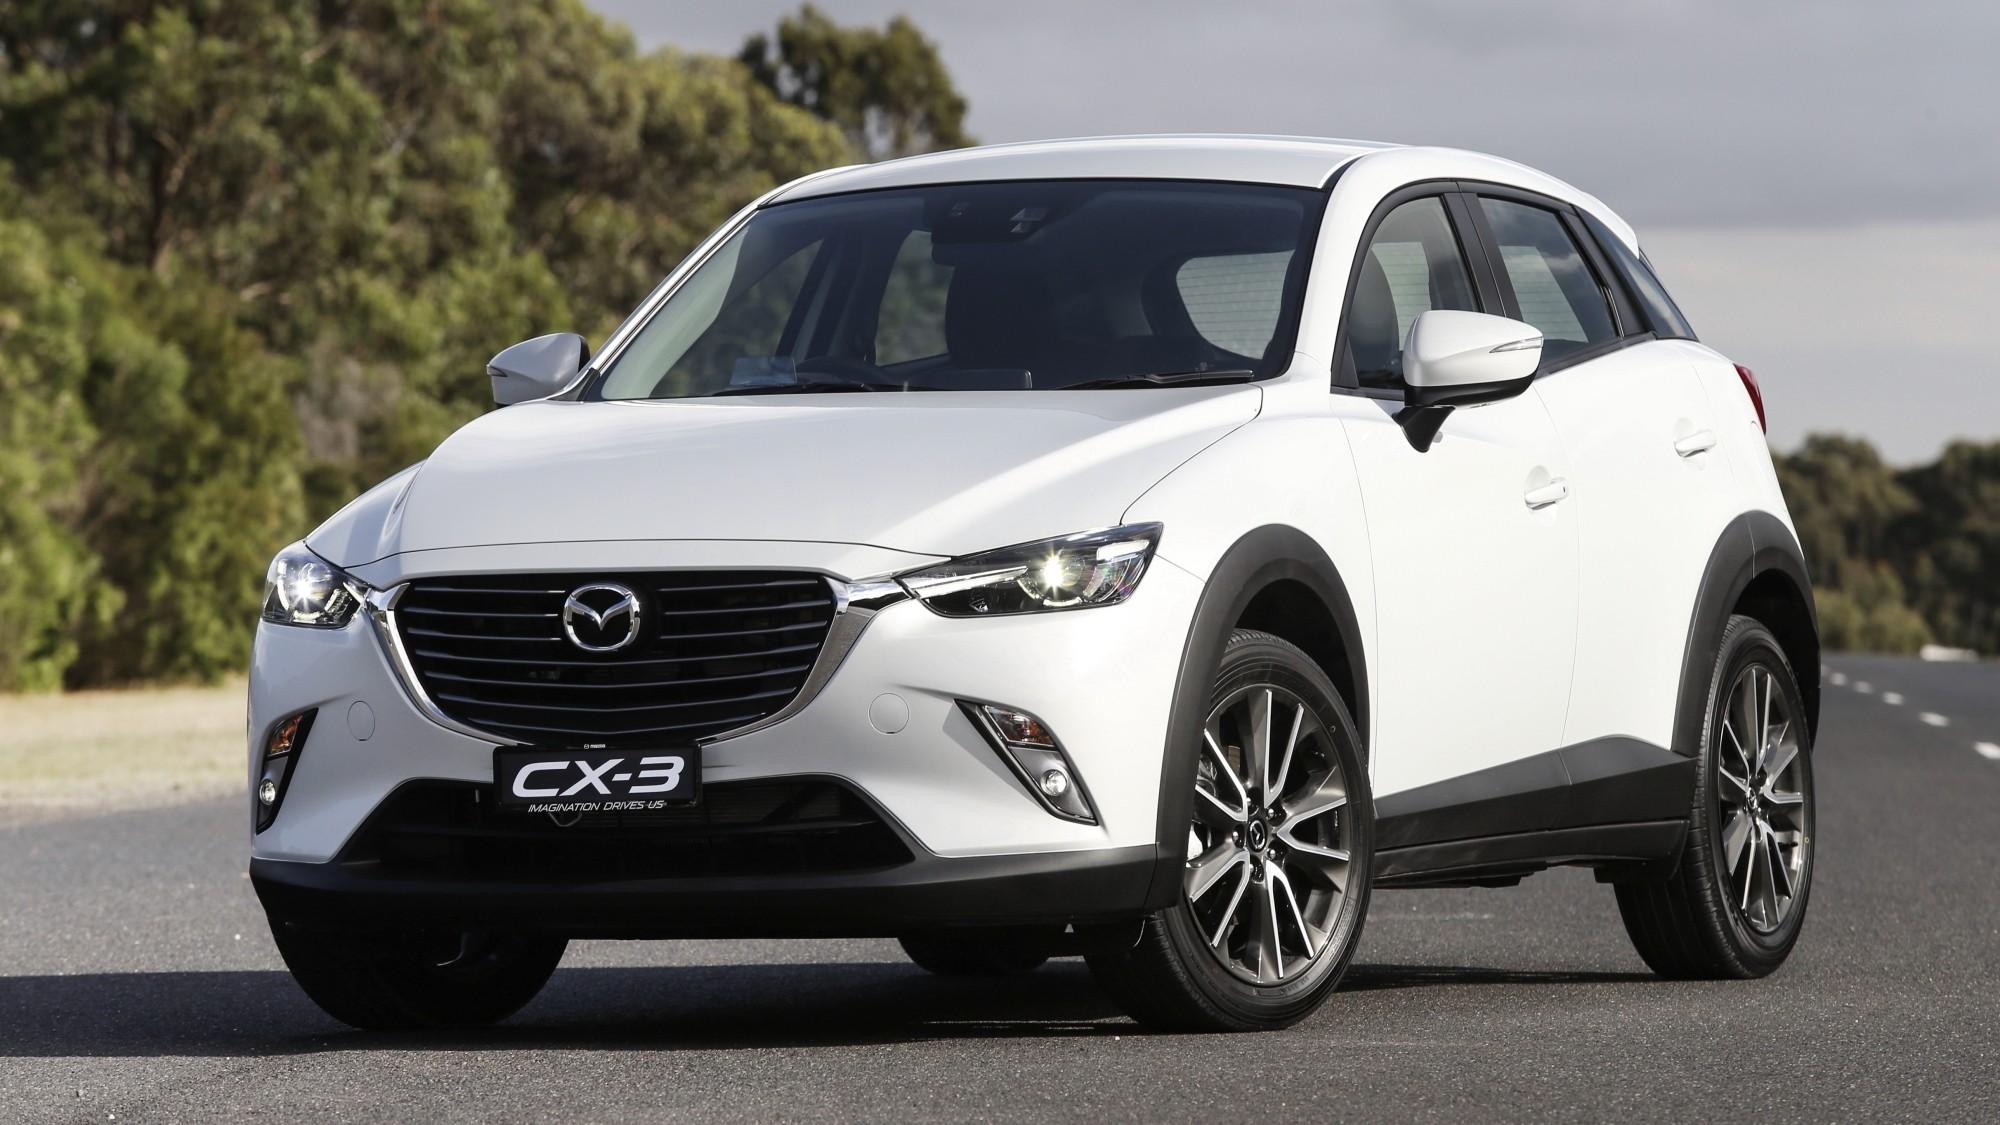 Mazda công bố tính năng và các thông số kỹ thuật của  CX-3 2016